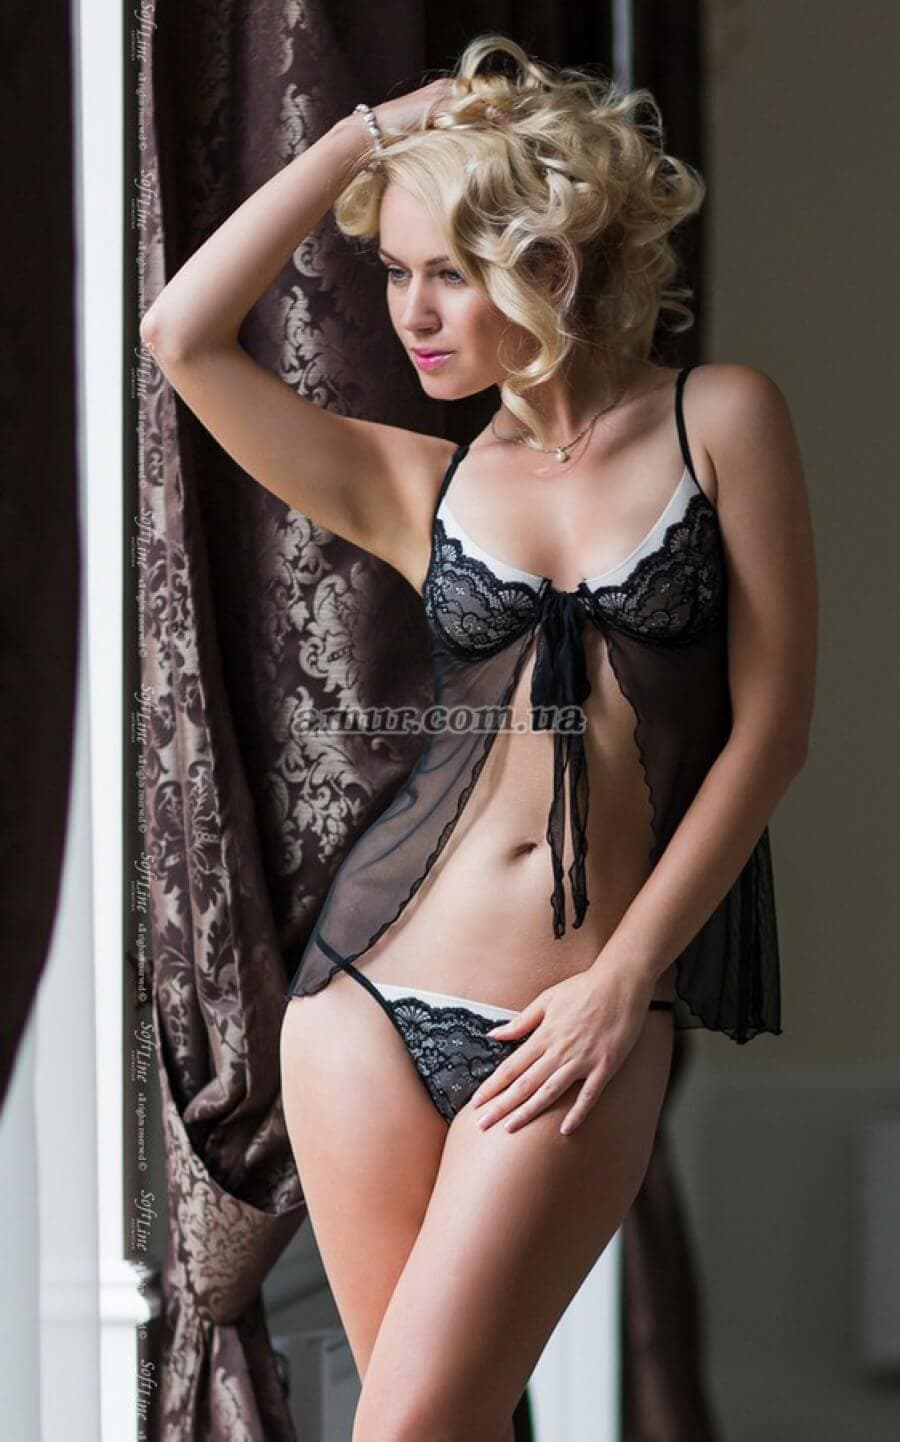 eroticheskoe-video-devushki-v-obtyagivayushem-blestyashem-kombinezone-porno-minet-transseksuala